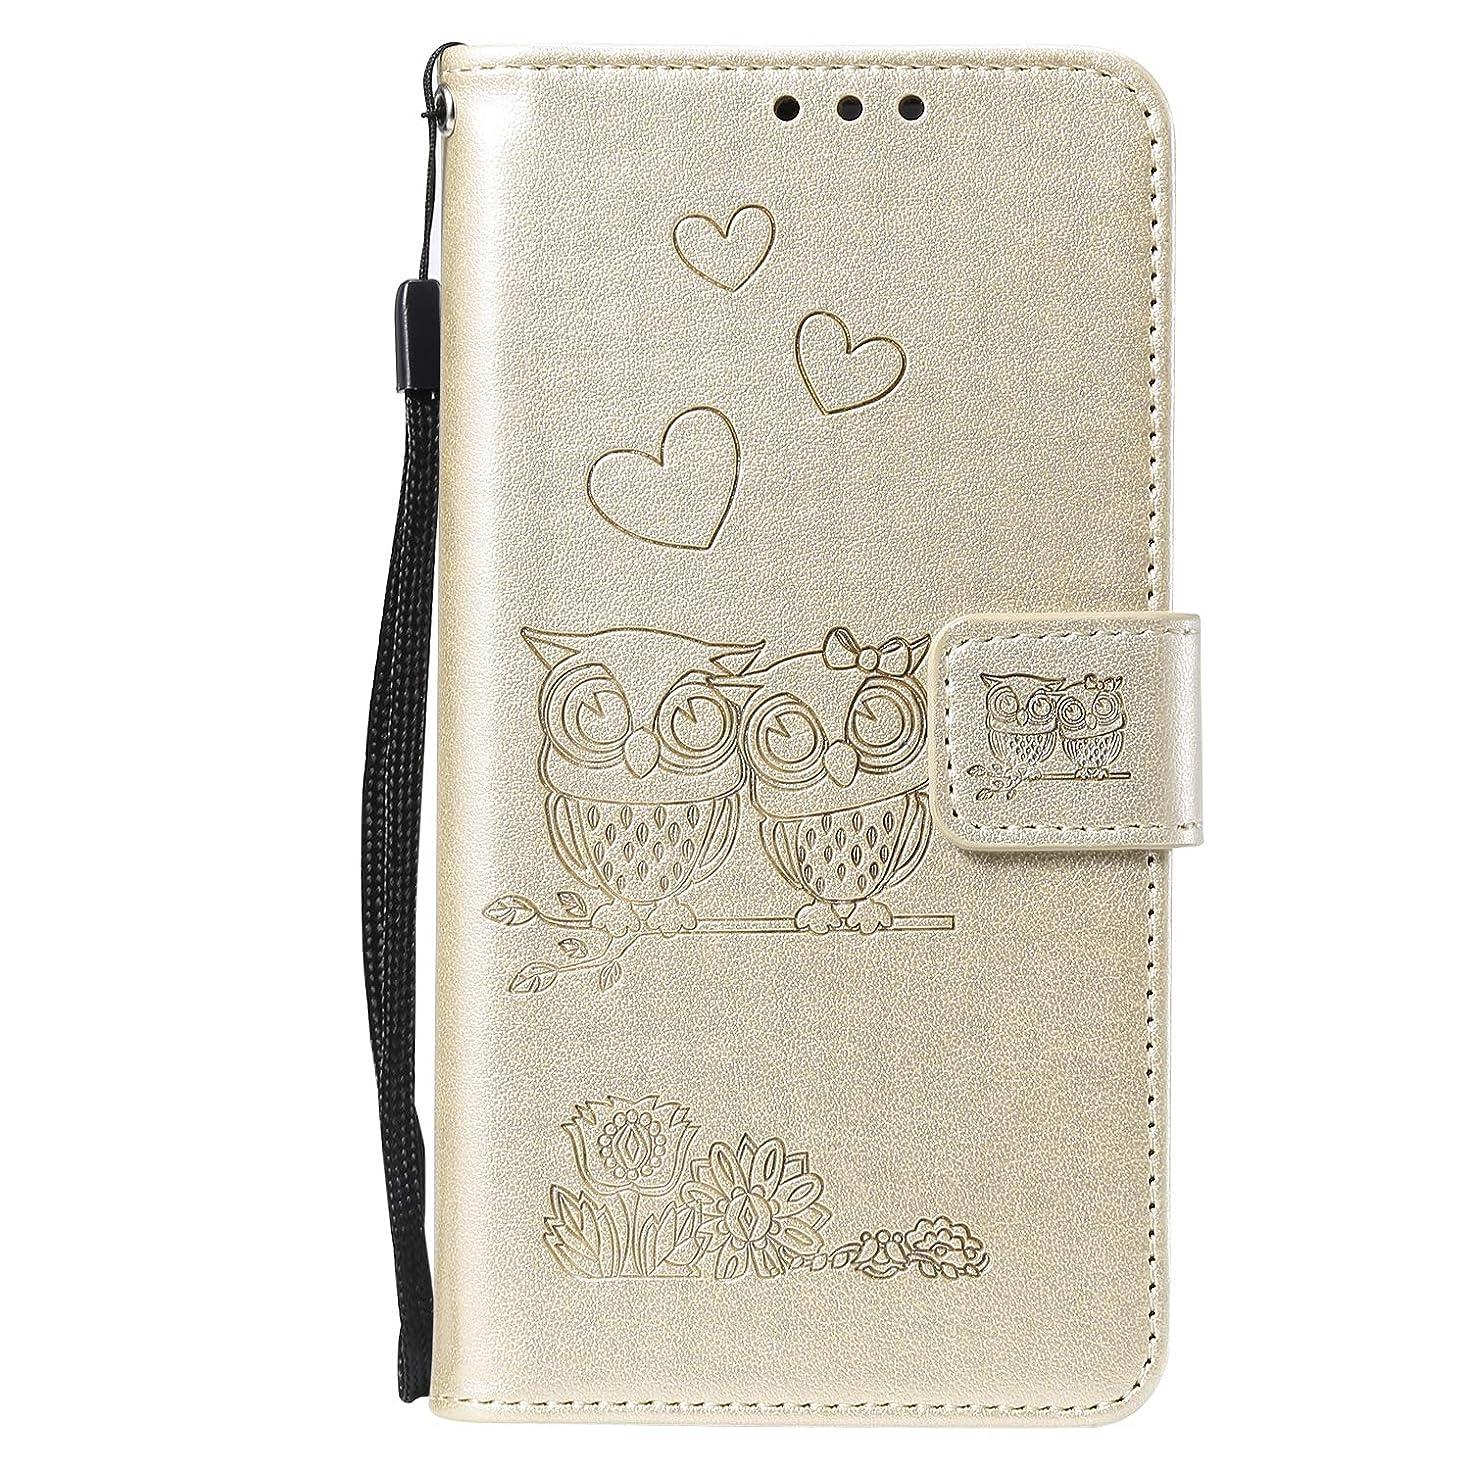 期限表示ベースLomogo Huawei Honor 10 ケース 手帳型 耐衝撃 レザーケース 財布型 カードポケット スタンド機能 マグネット式 ファーウェイHonor10 手帳型ケース カバー 人気 - LOHHA100538 金